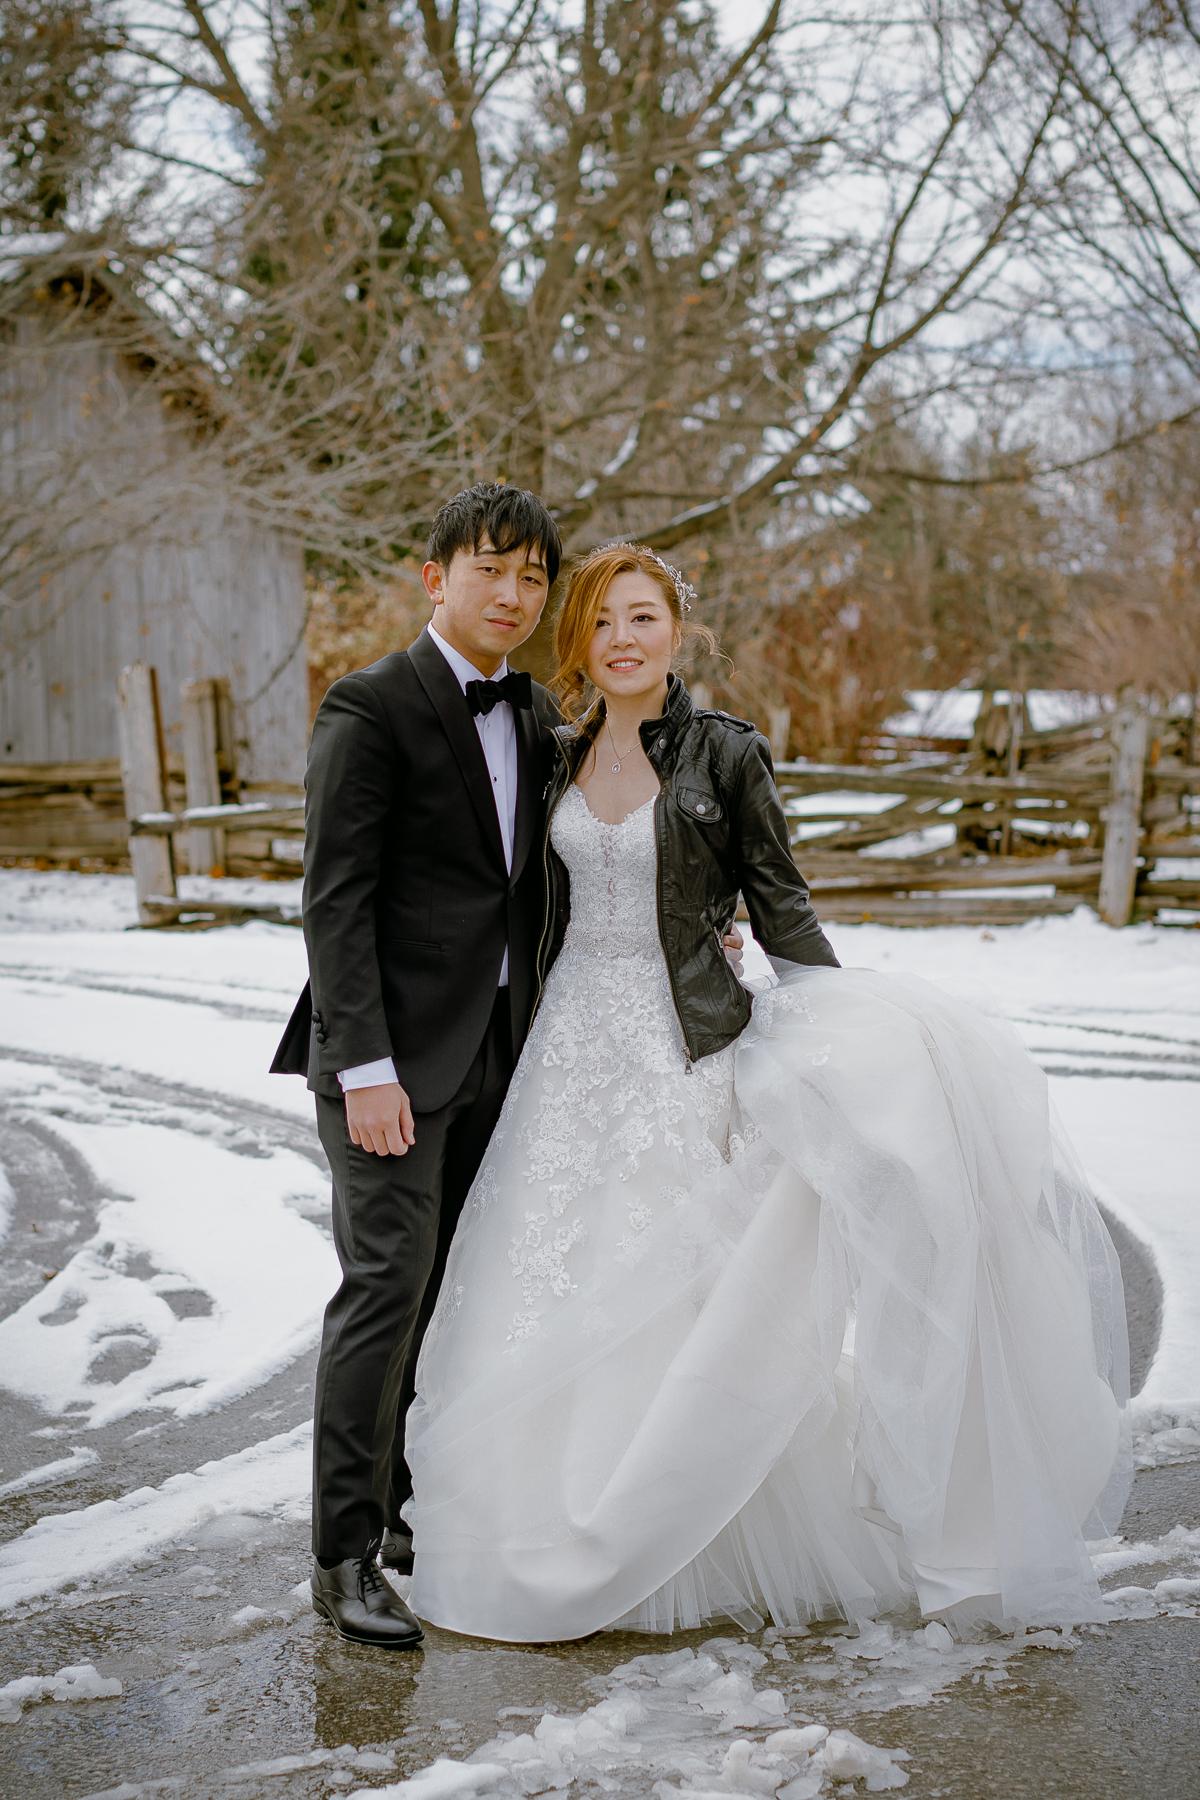 markham-wedding-photography-markham-museum-wedding 0020.jpg